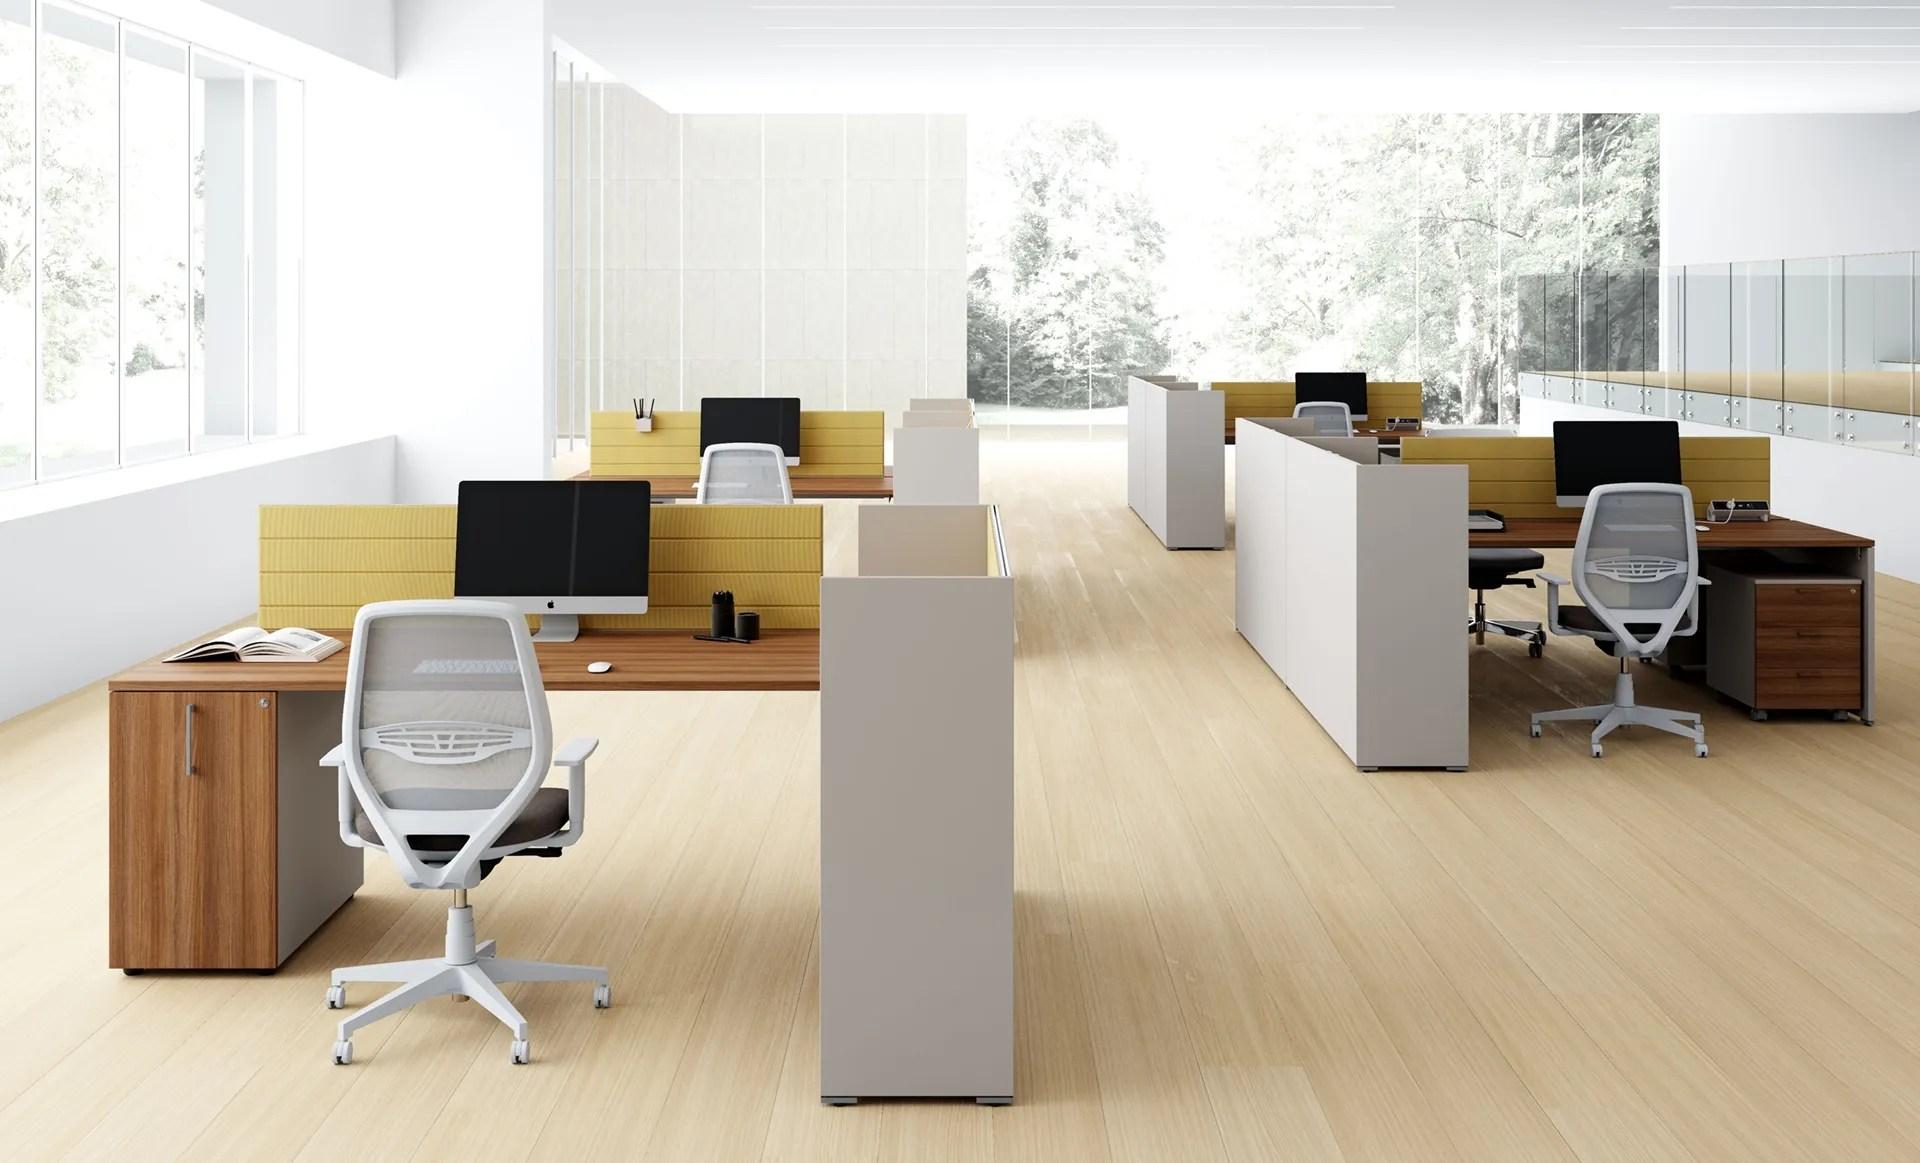 È uno tra i migliori esempi di mobili per gli ambienti lavorativi pratici e belli da vedere. Scrivania Operativa Oxi Di Las Mobili